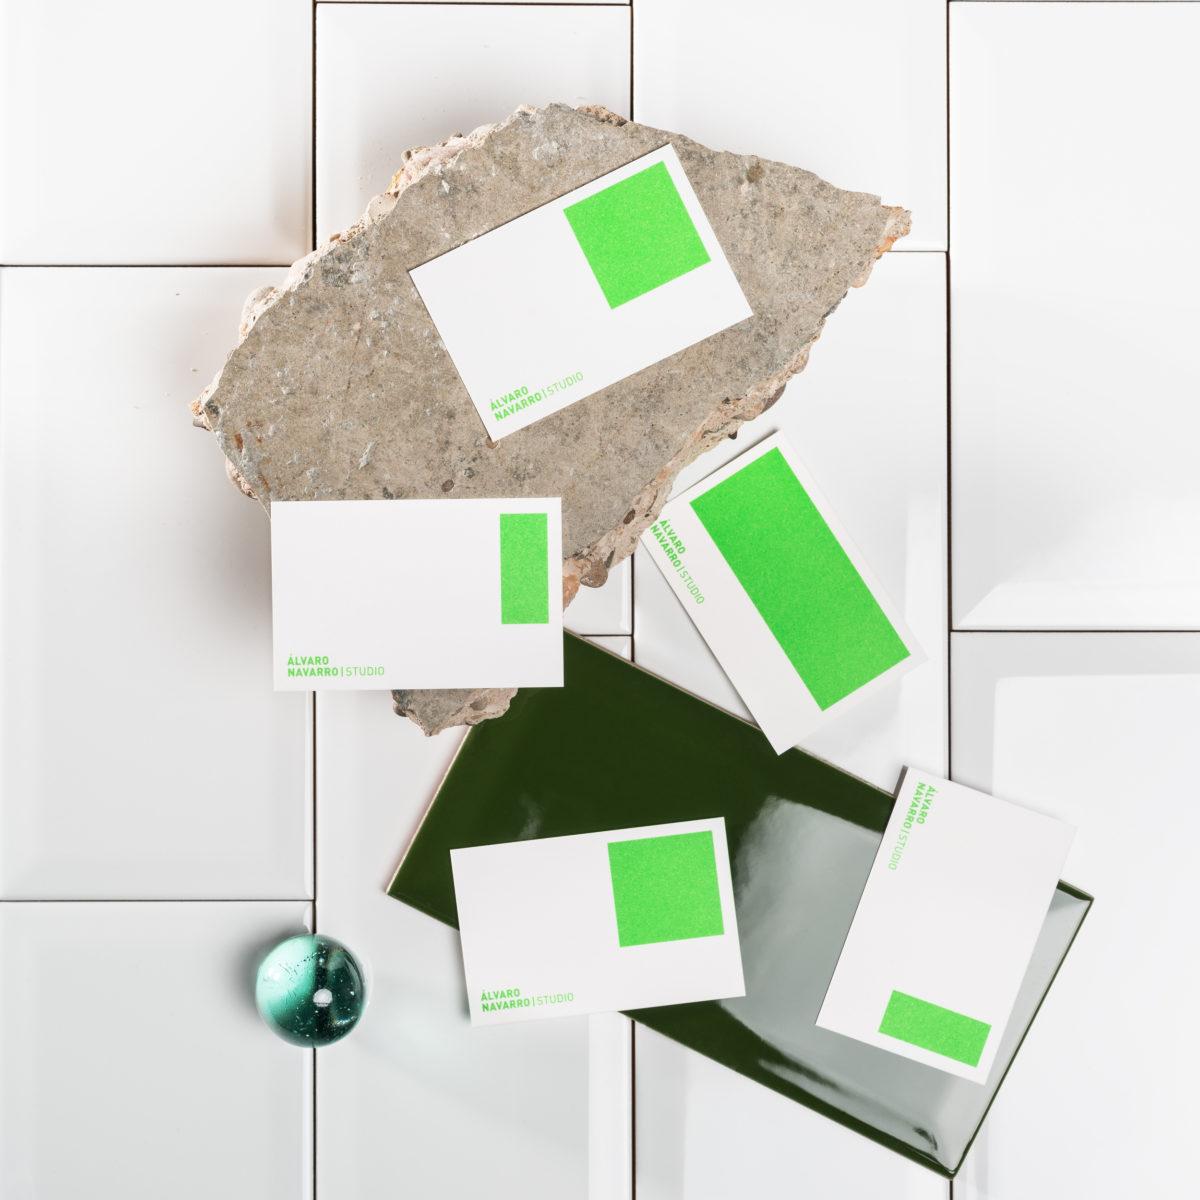 Fotografía de Producto Bodegón de Varientes de Tarjetas Comerciales diseñadas por Pablus para Álvaro Navarro Studio sobre un trozo de Hormigón y Azulejos.